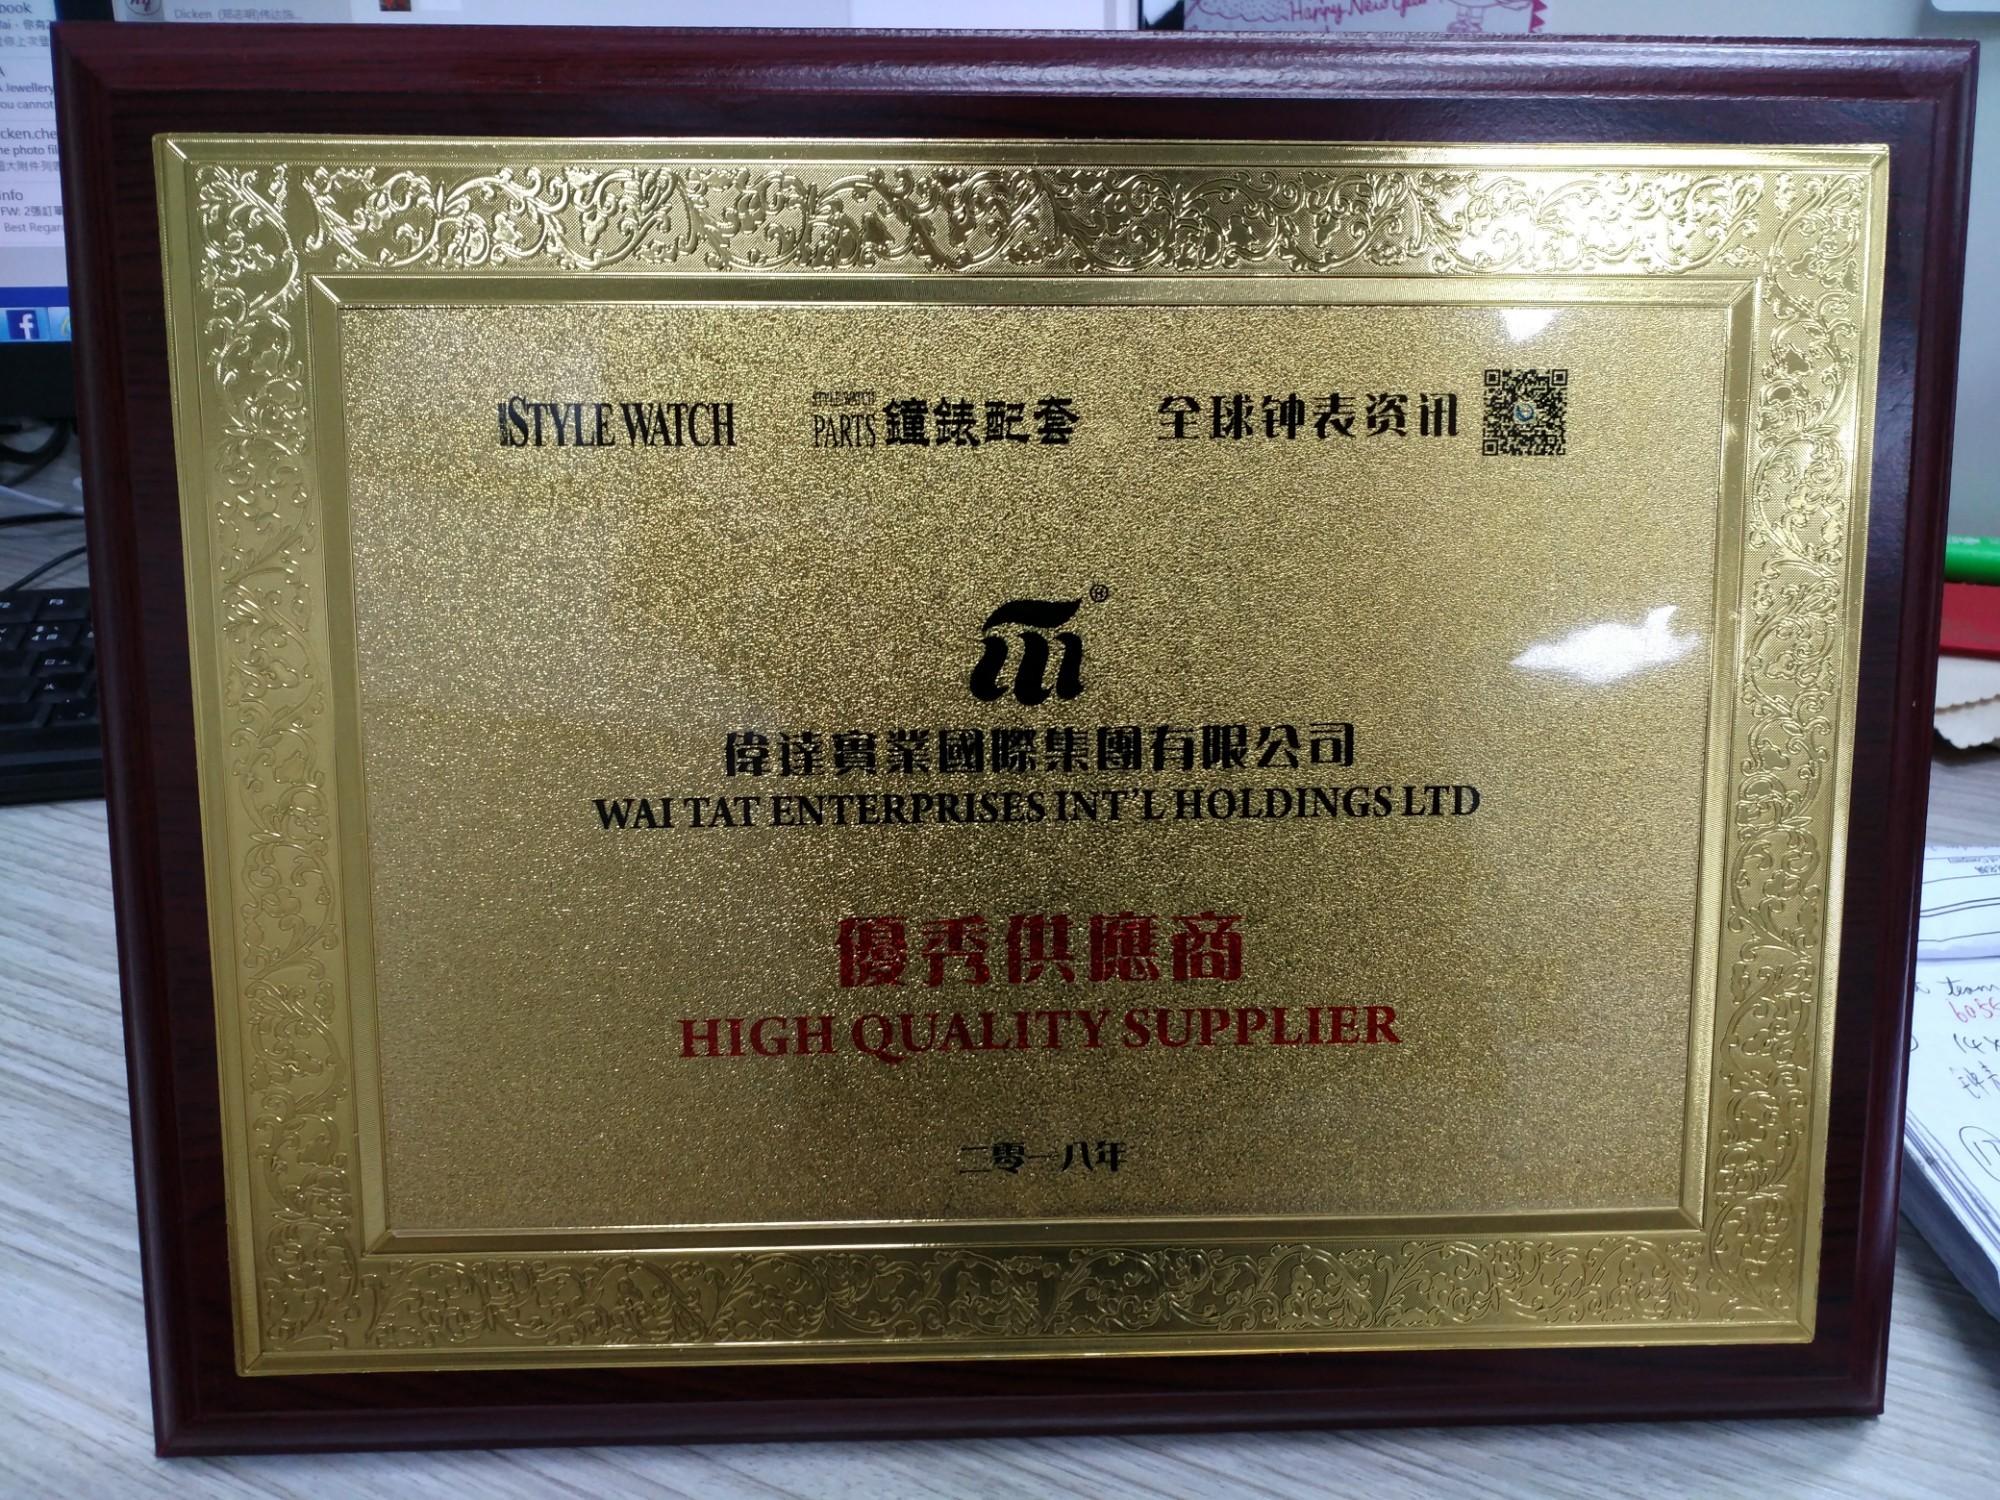 偉達實業國際集圑有限公司獲優秀供應商獎項。